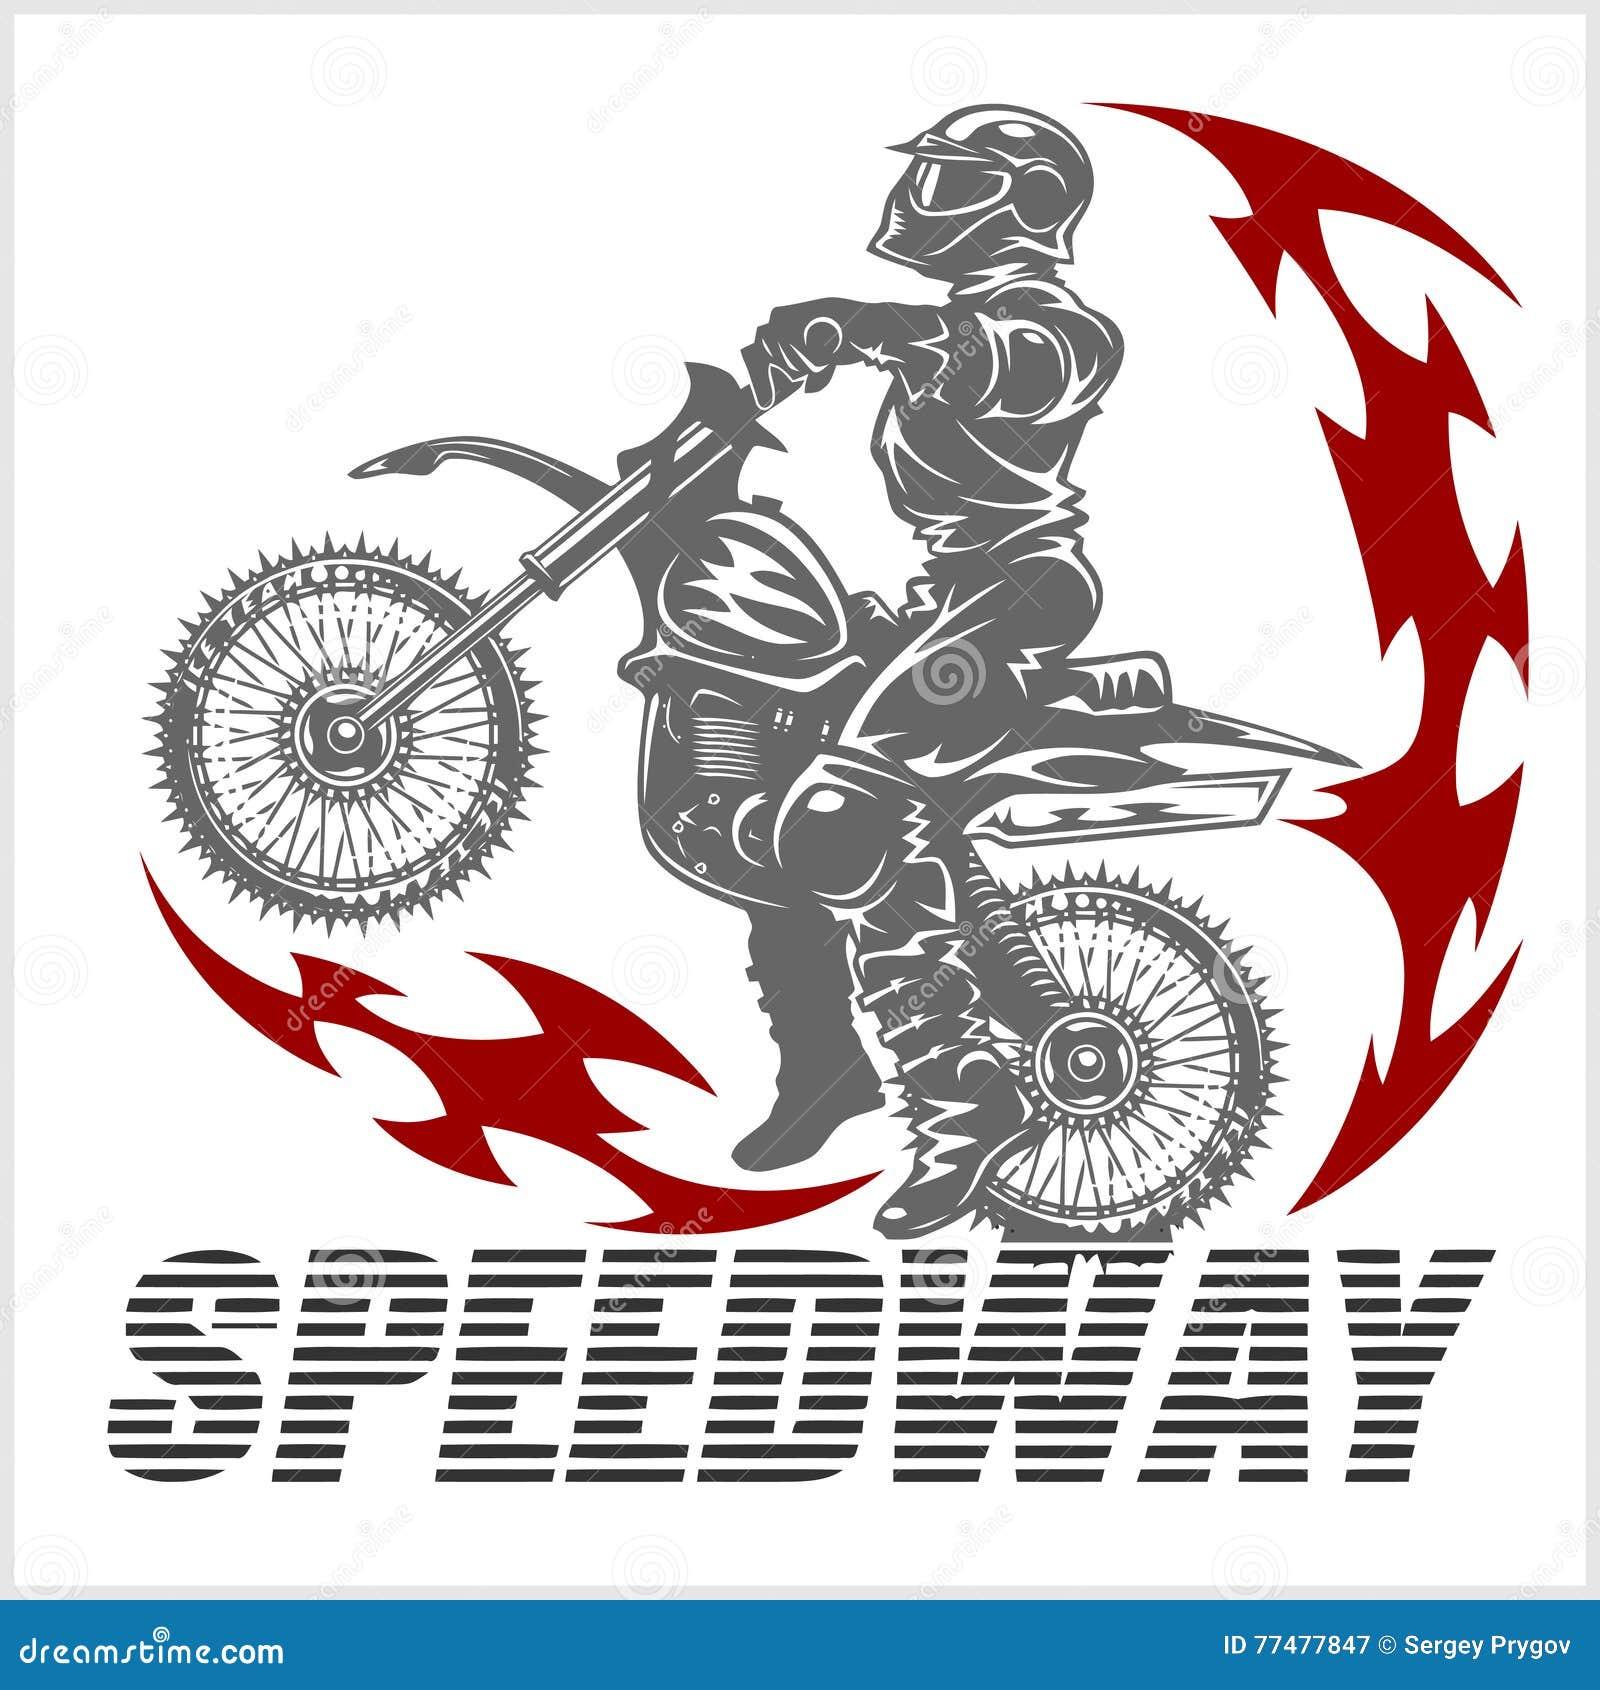 Motocross Rider On A Motorcycle Illustration Cartoon Vector Cartoondealer Com 77477847